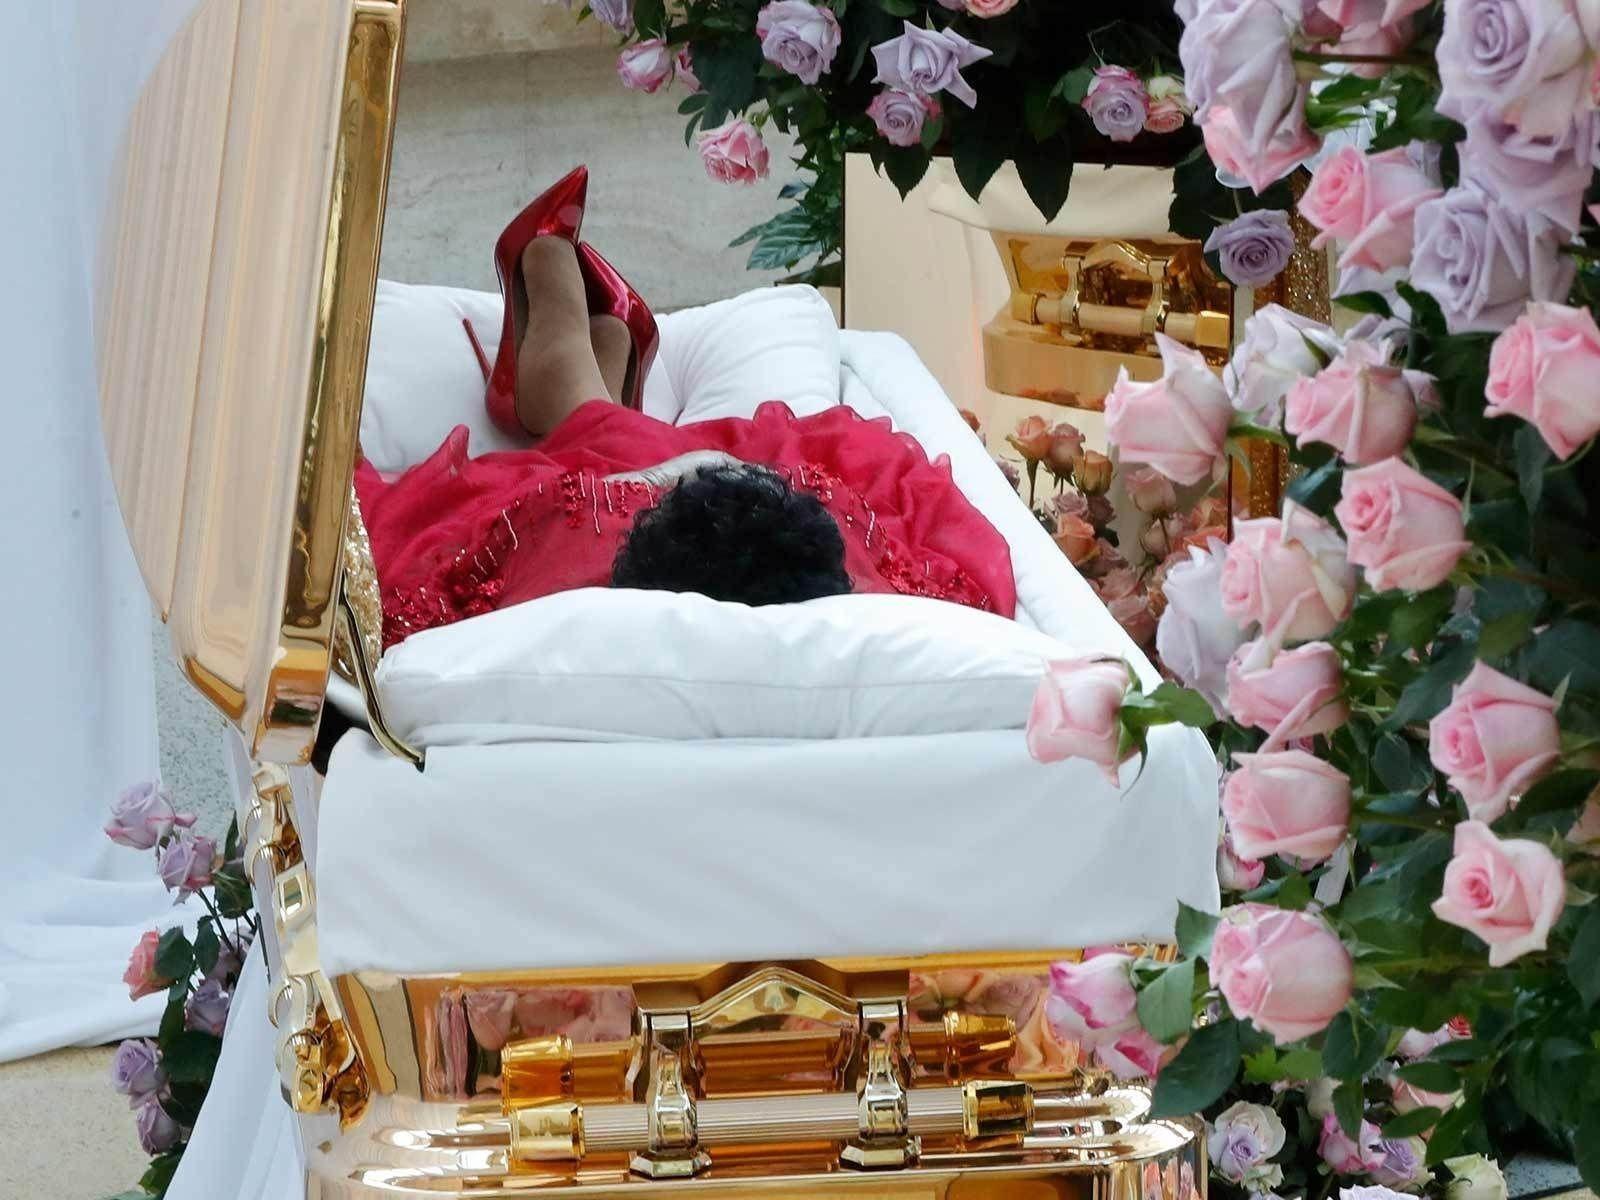 Арета Фрэнклиний шарилыг алтадсан авсанд улаан даашинз, өндөр өсгийттэй залжээ